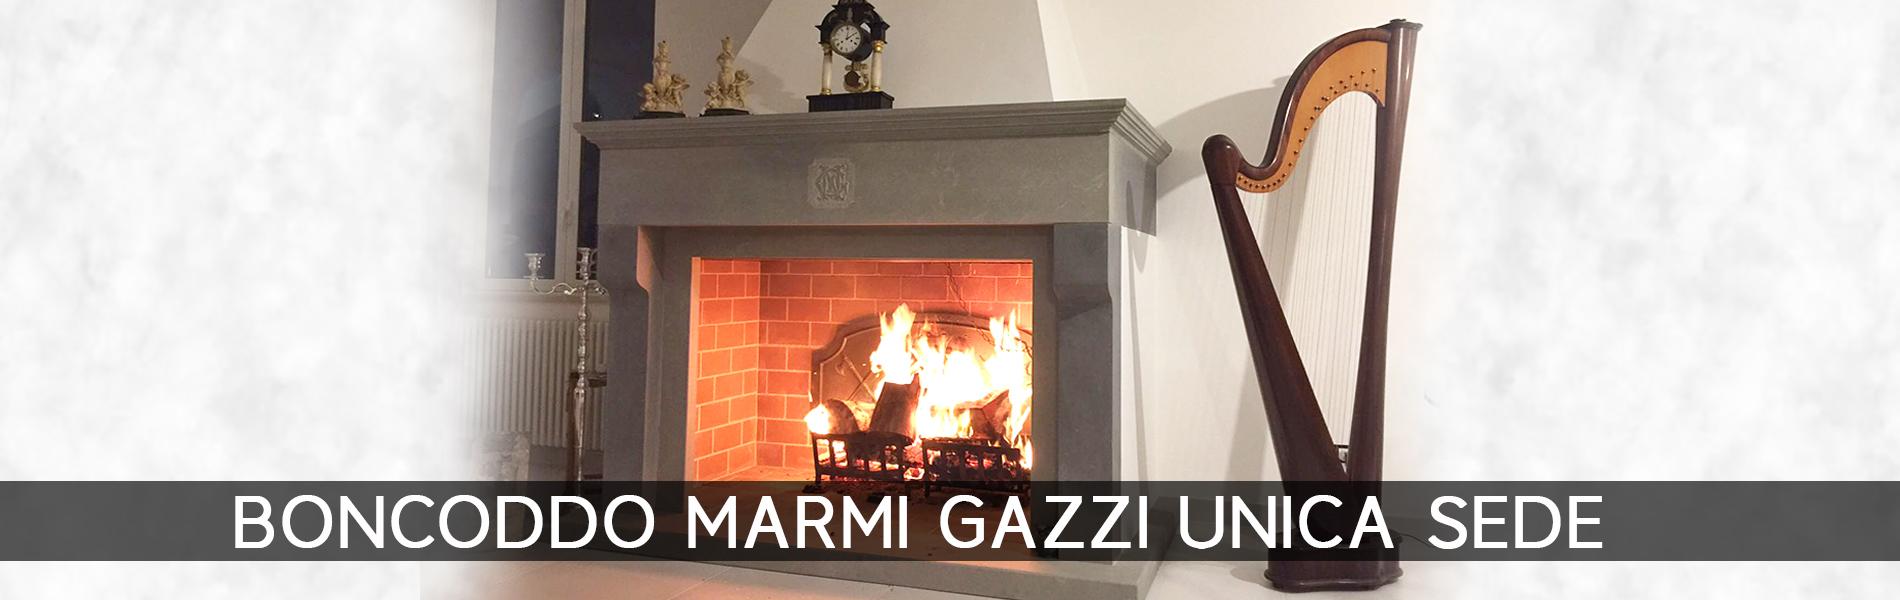 Boncoddo Lavorazione Marmi e Rivestimenti - Messina